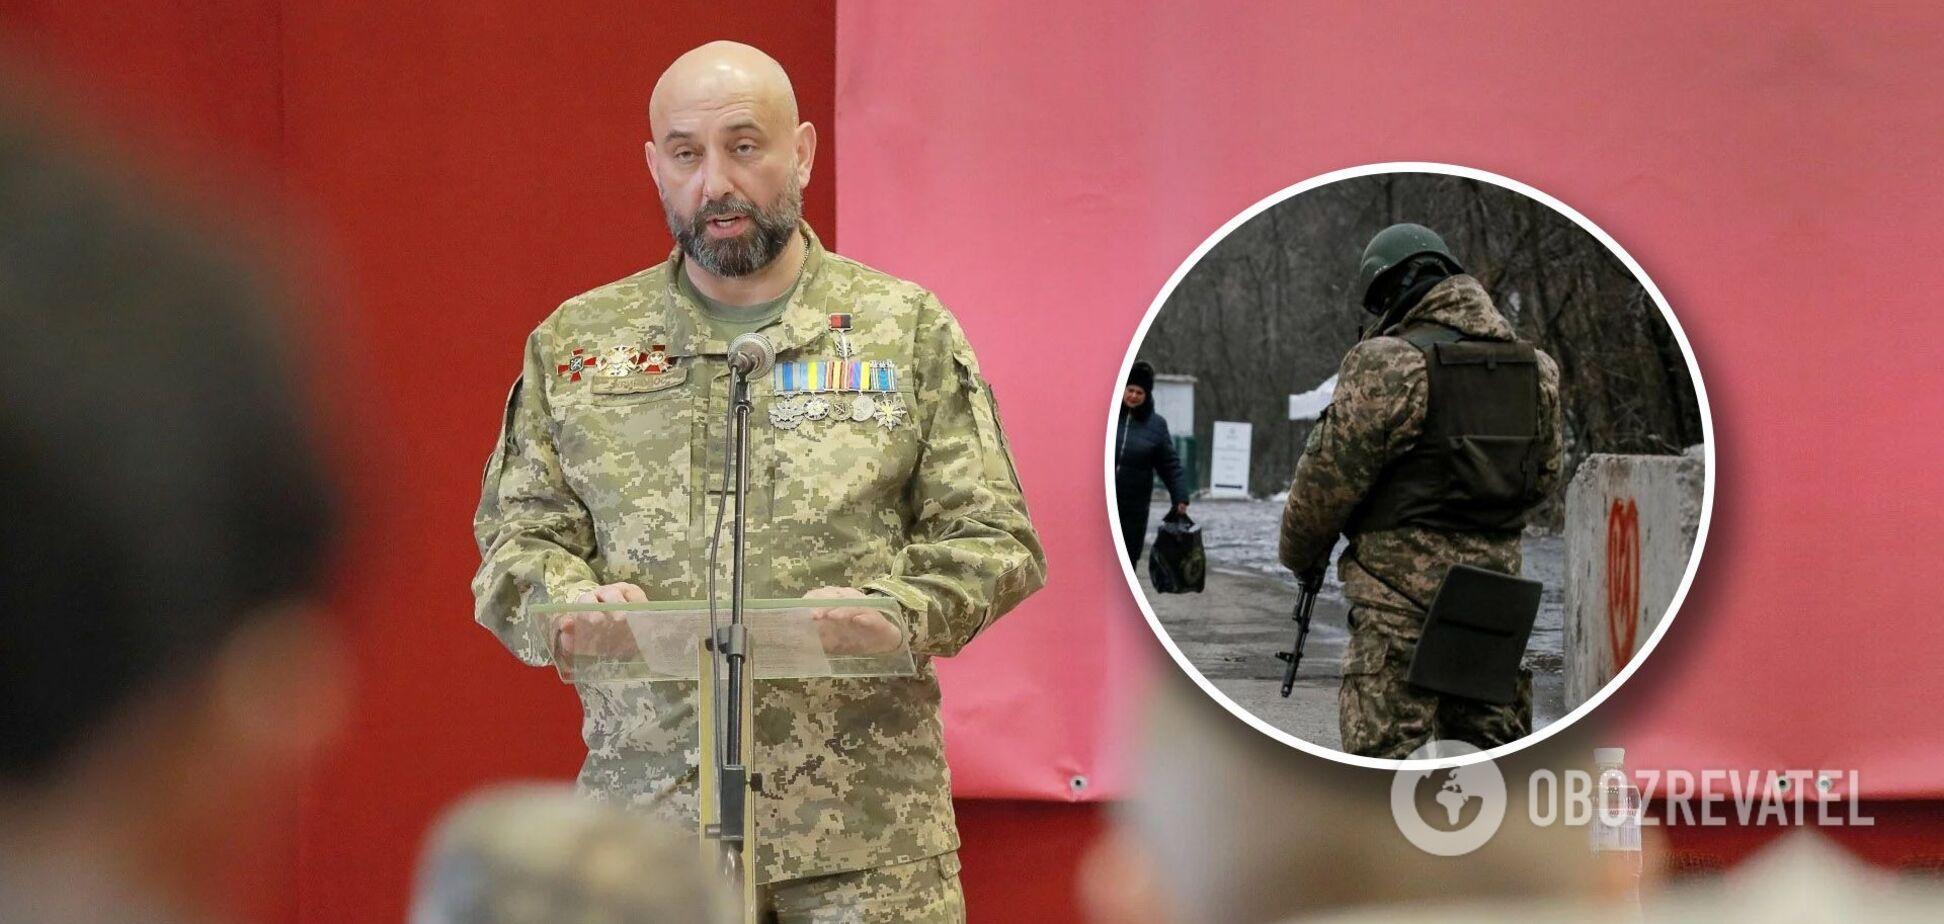 Генерал ЗСУ Кривонос: армія чекає команди наступати на Донбасі, але потрібна інша тактика